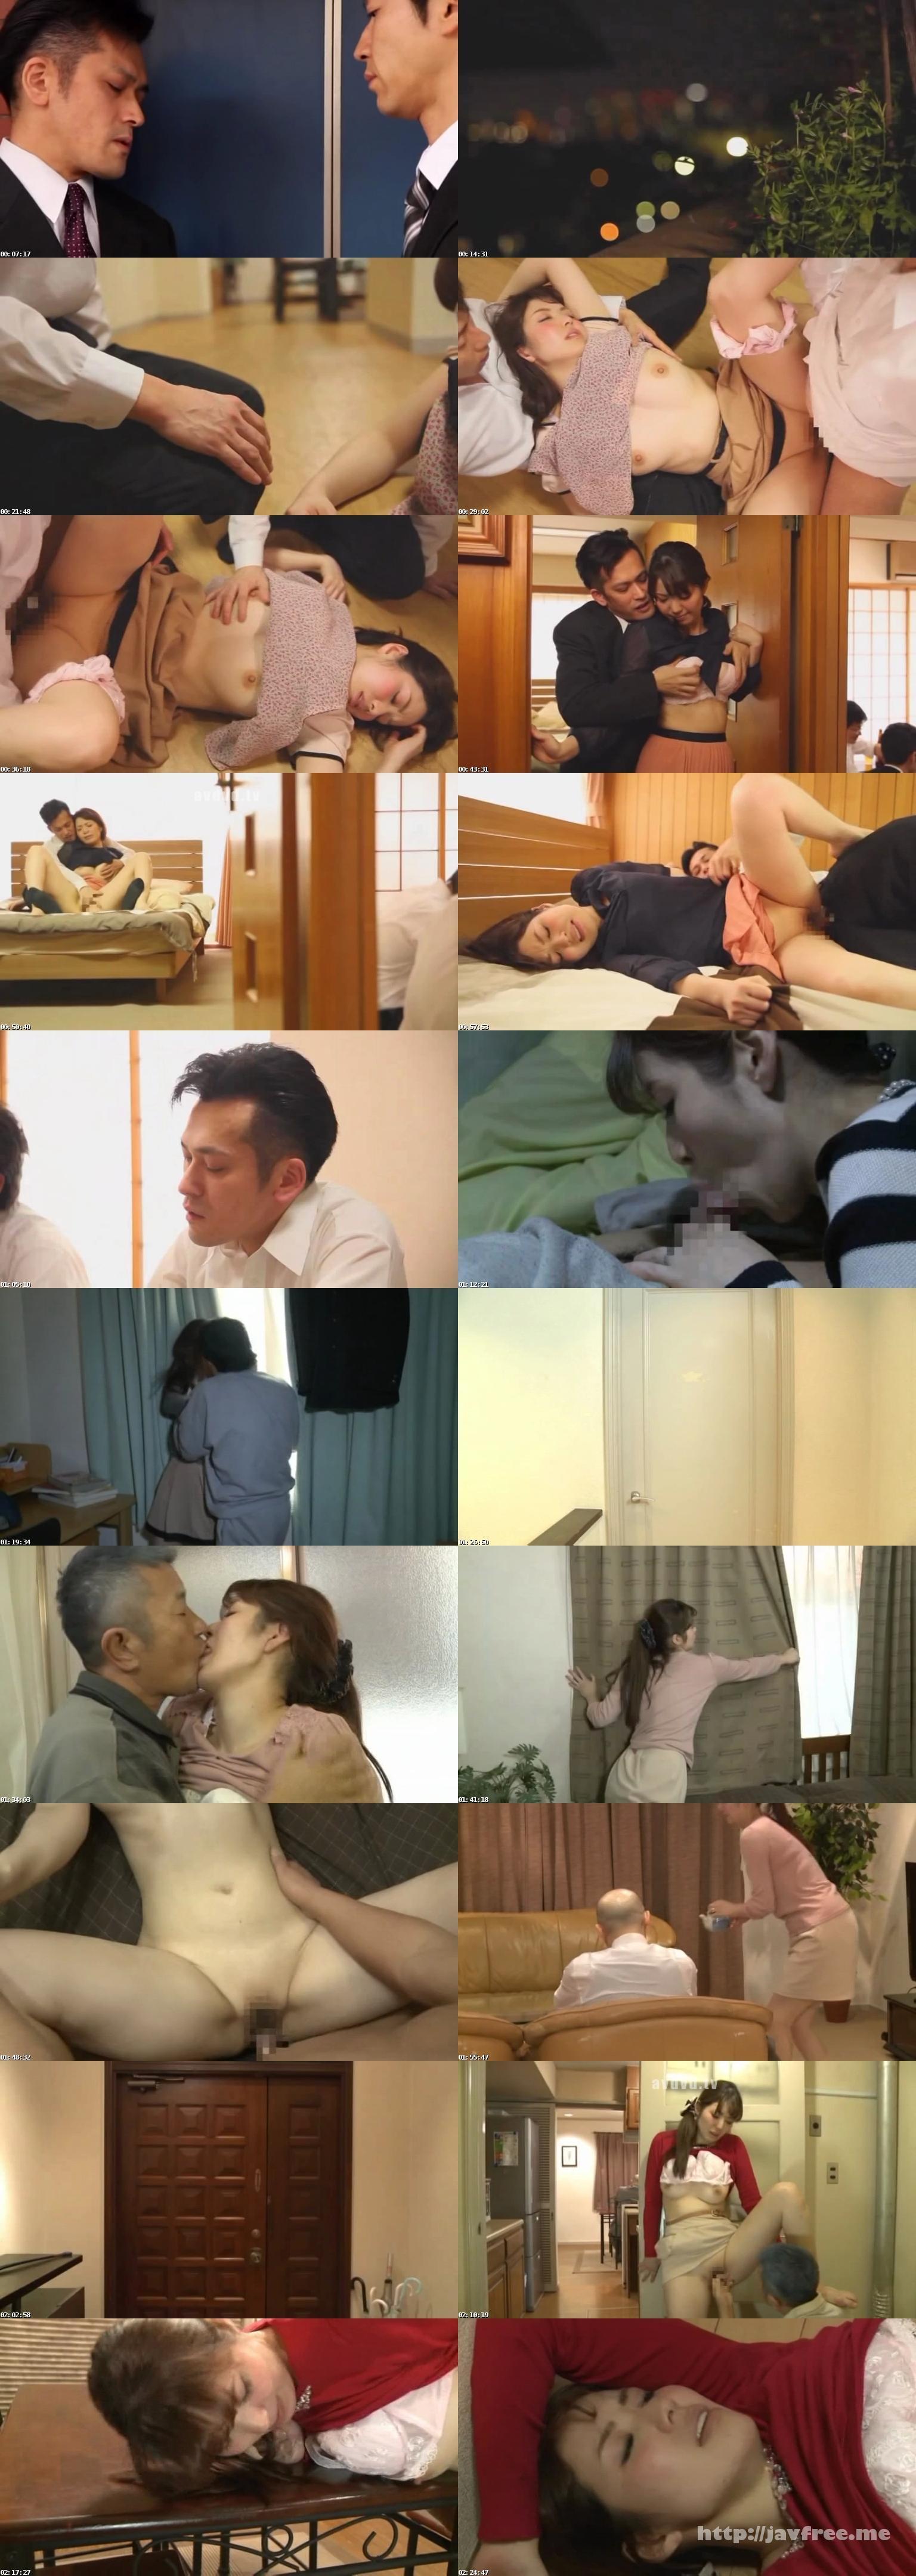 [SBCI 065] 女らしい最高の女優 愛乃ゆな THE BEST 愛乃ゆな SBCI